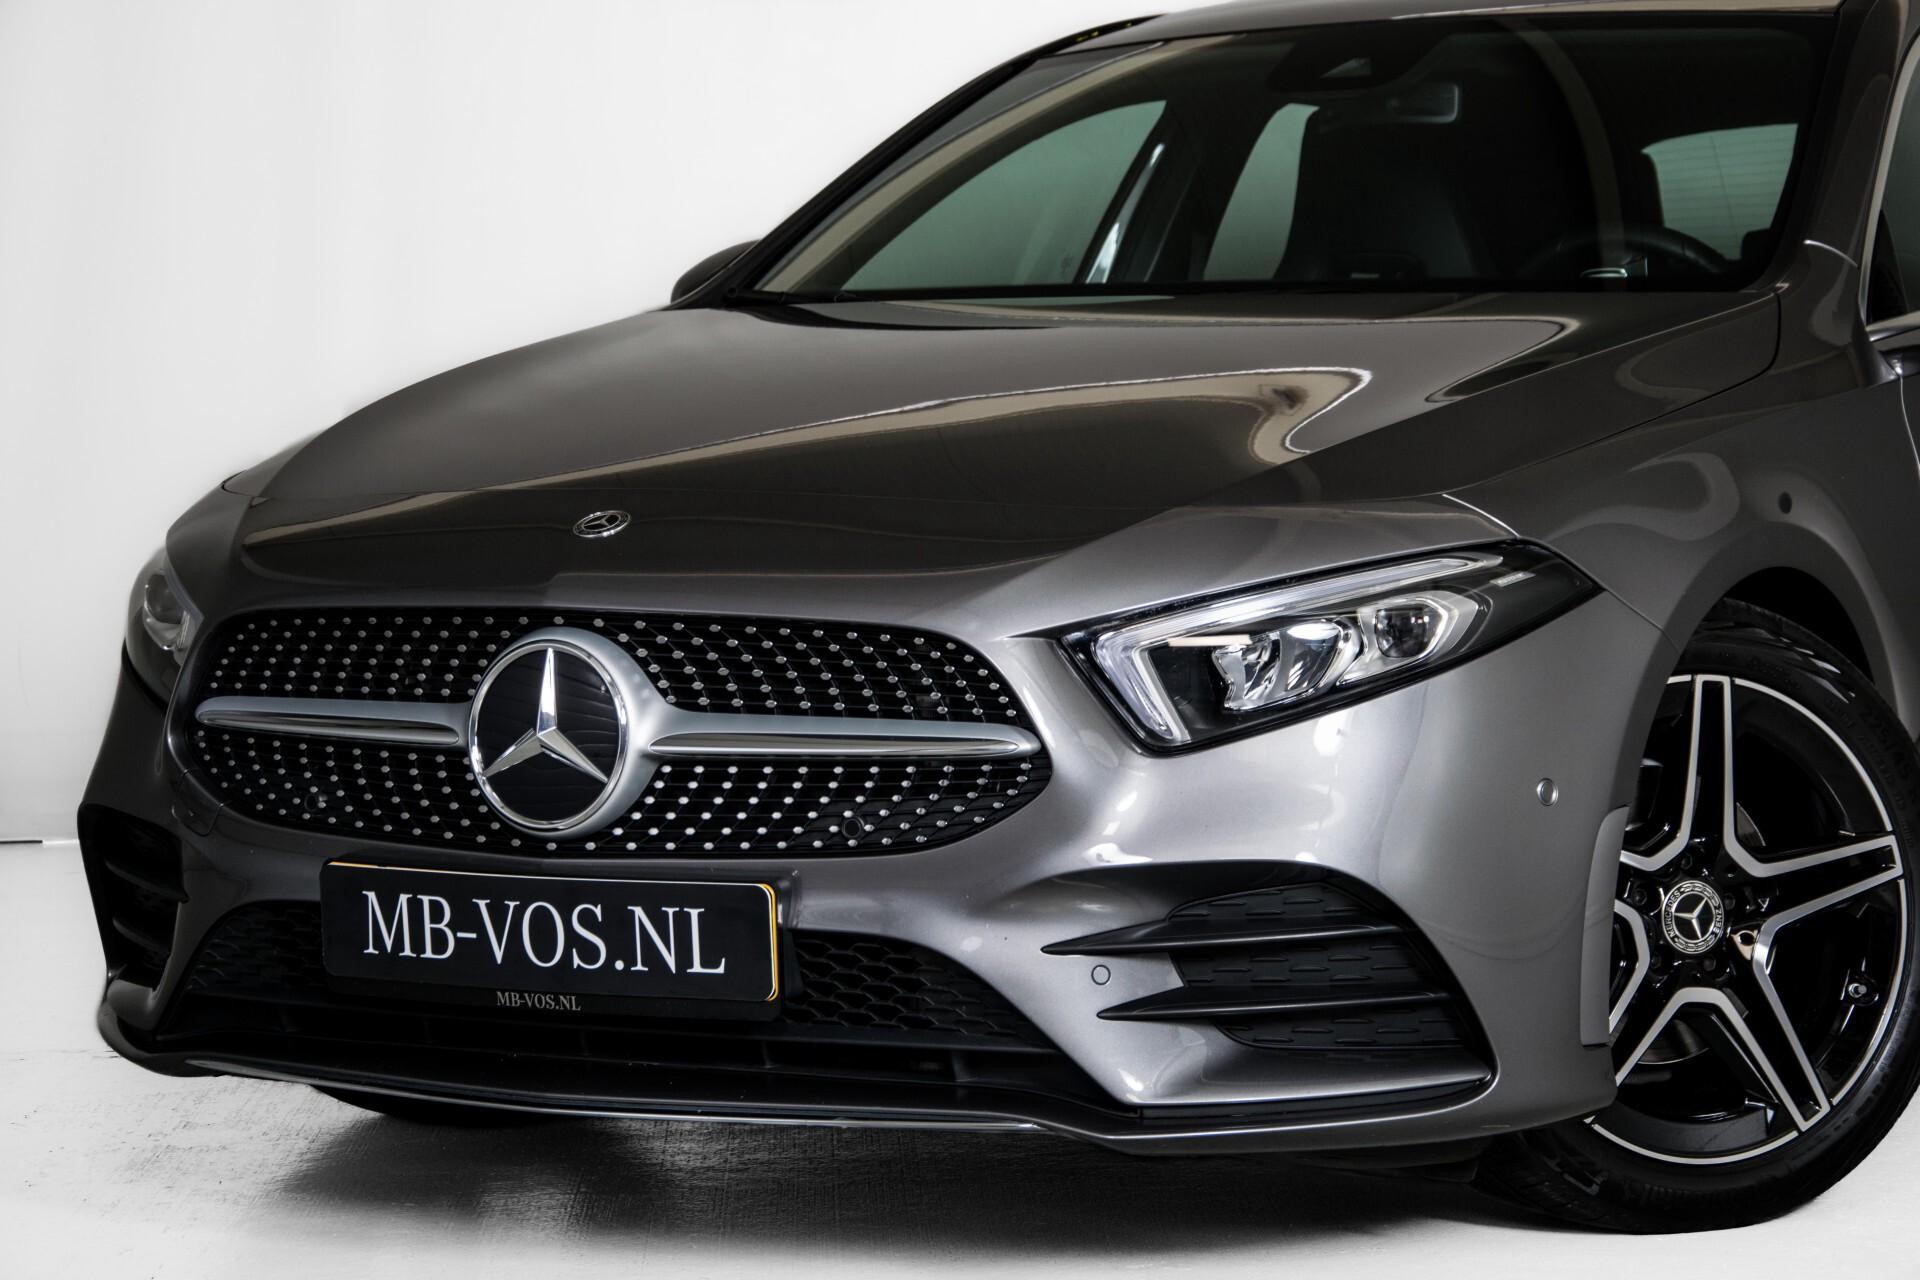 Mercedes-Benz A-Klasse 180 d AMG Panorama/MBUX/DAB/LED Aut7 Foto 51